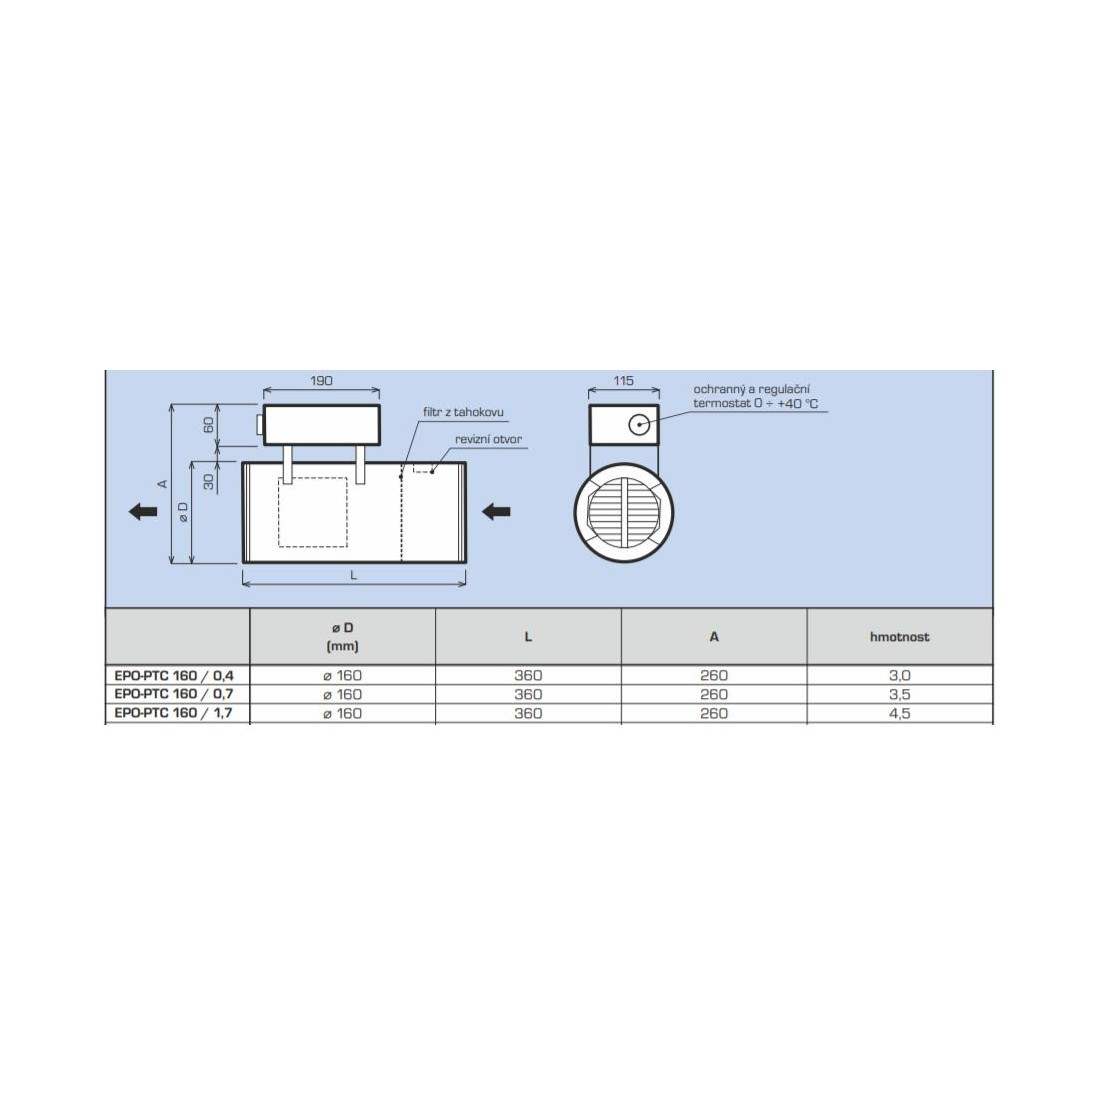 EPO-PTC160/0,4 Oro pašildytuvas, maks 0,4kW,